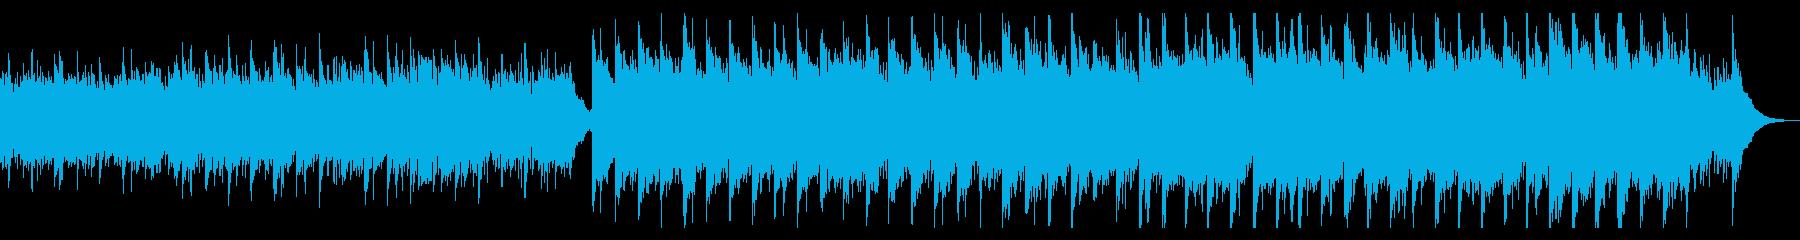 透明感アコースティックギターアルペジオの再生済みの波形